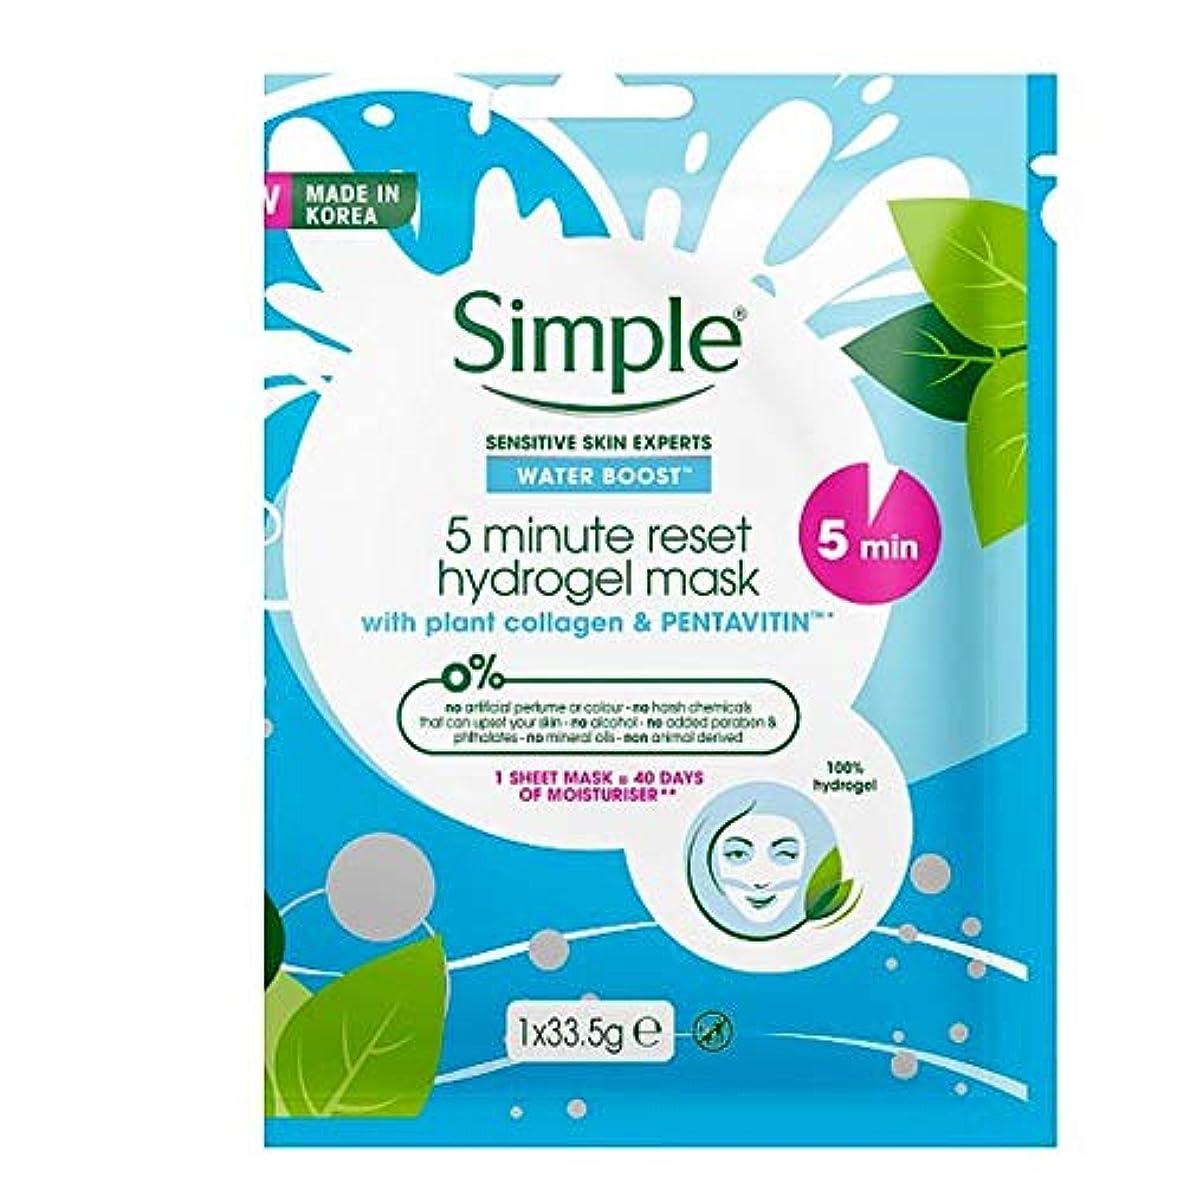 検出器ペン解決する[Simple] シンプルな水ブースト5分リセットハイドロゲルマスク - Simple Water Boost 5-Min Reset Hydrogel Mask [並行輸入品]